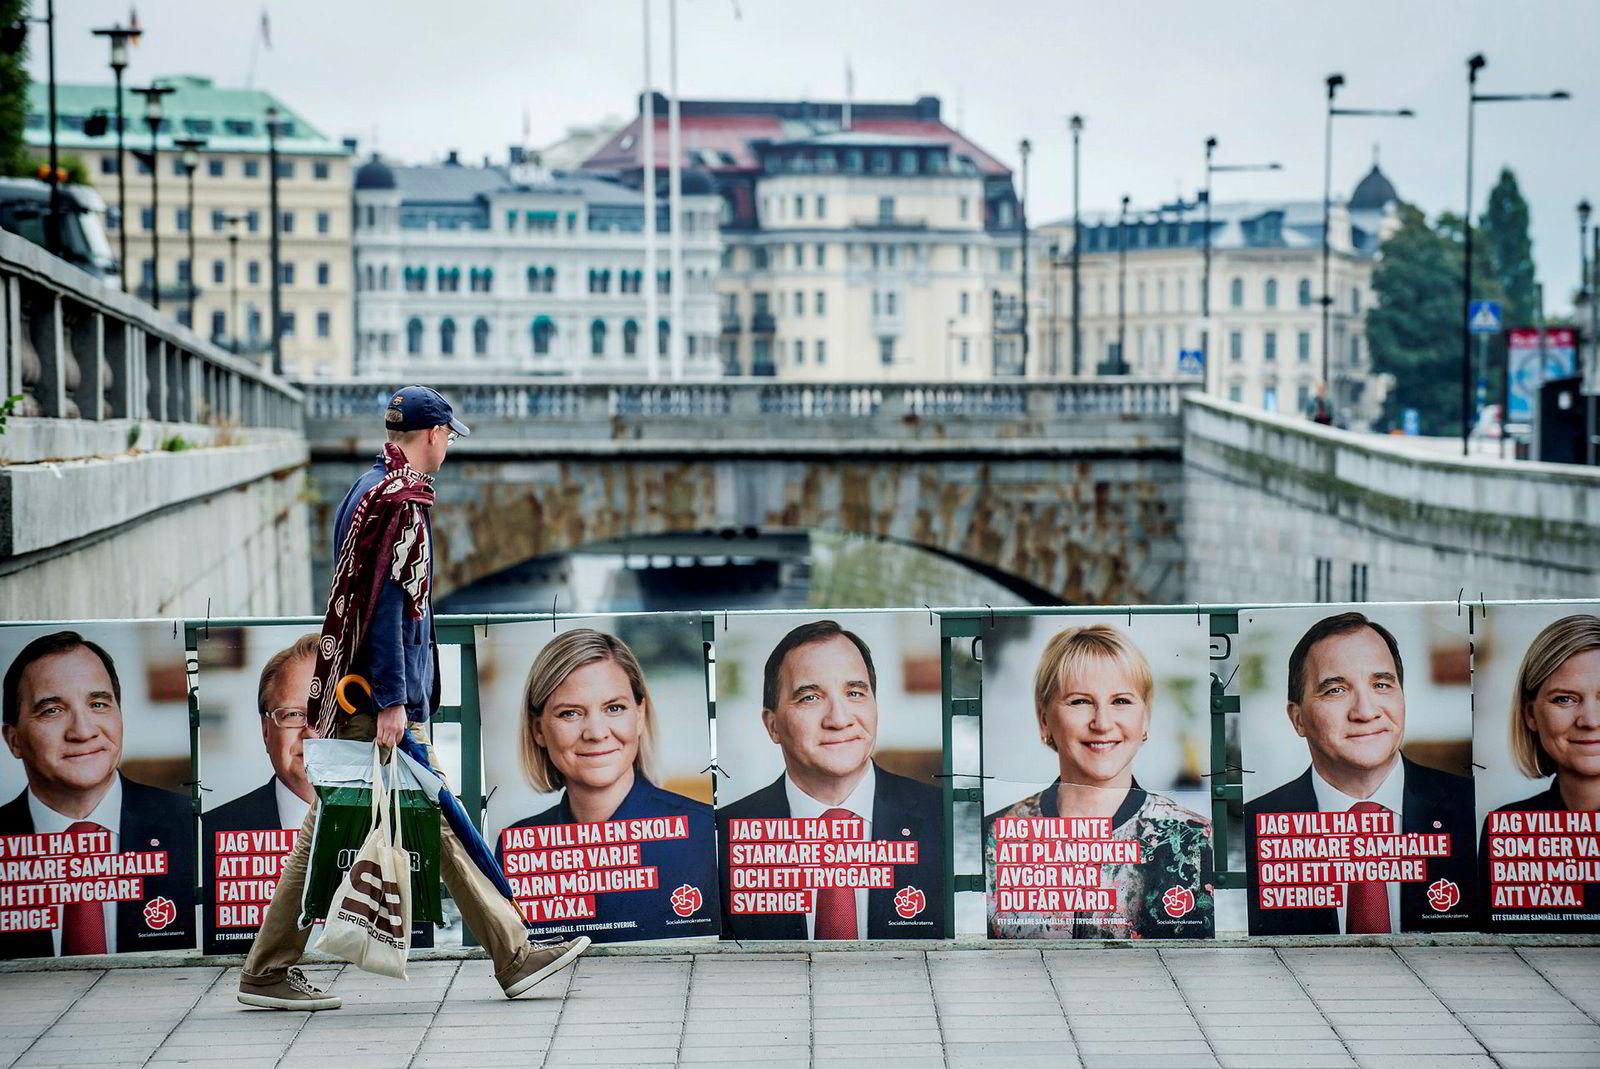 Søndag 9. september 2018 er det riksdagsvalg i Sverige. Her valgplakater for statsminister Stefan Löfven fra Socialdemokraterna ved Riksdagen.